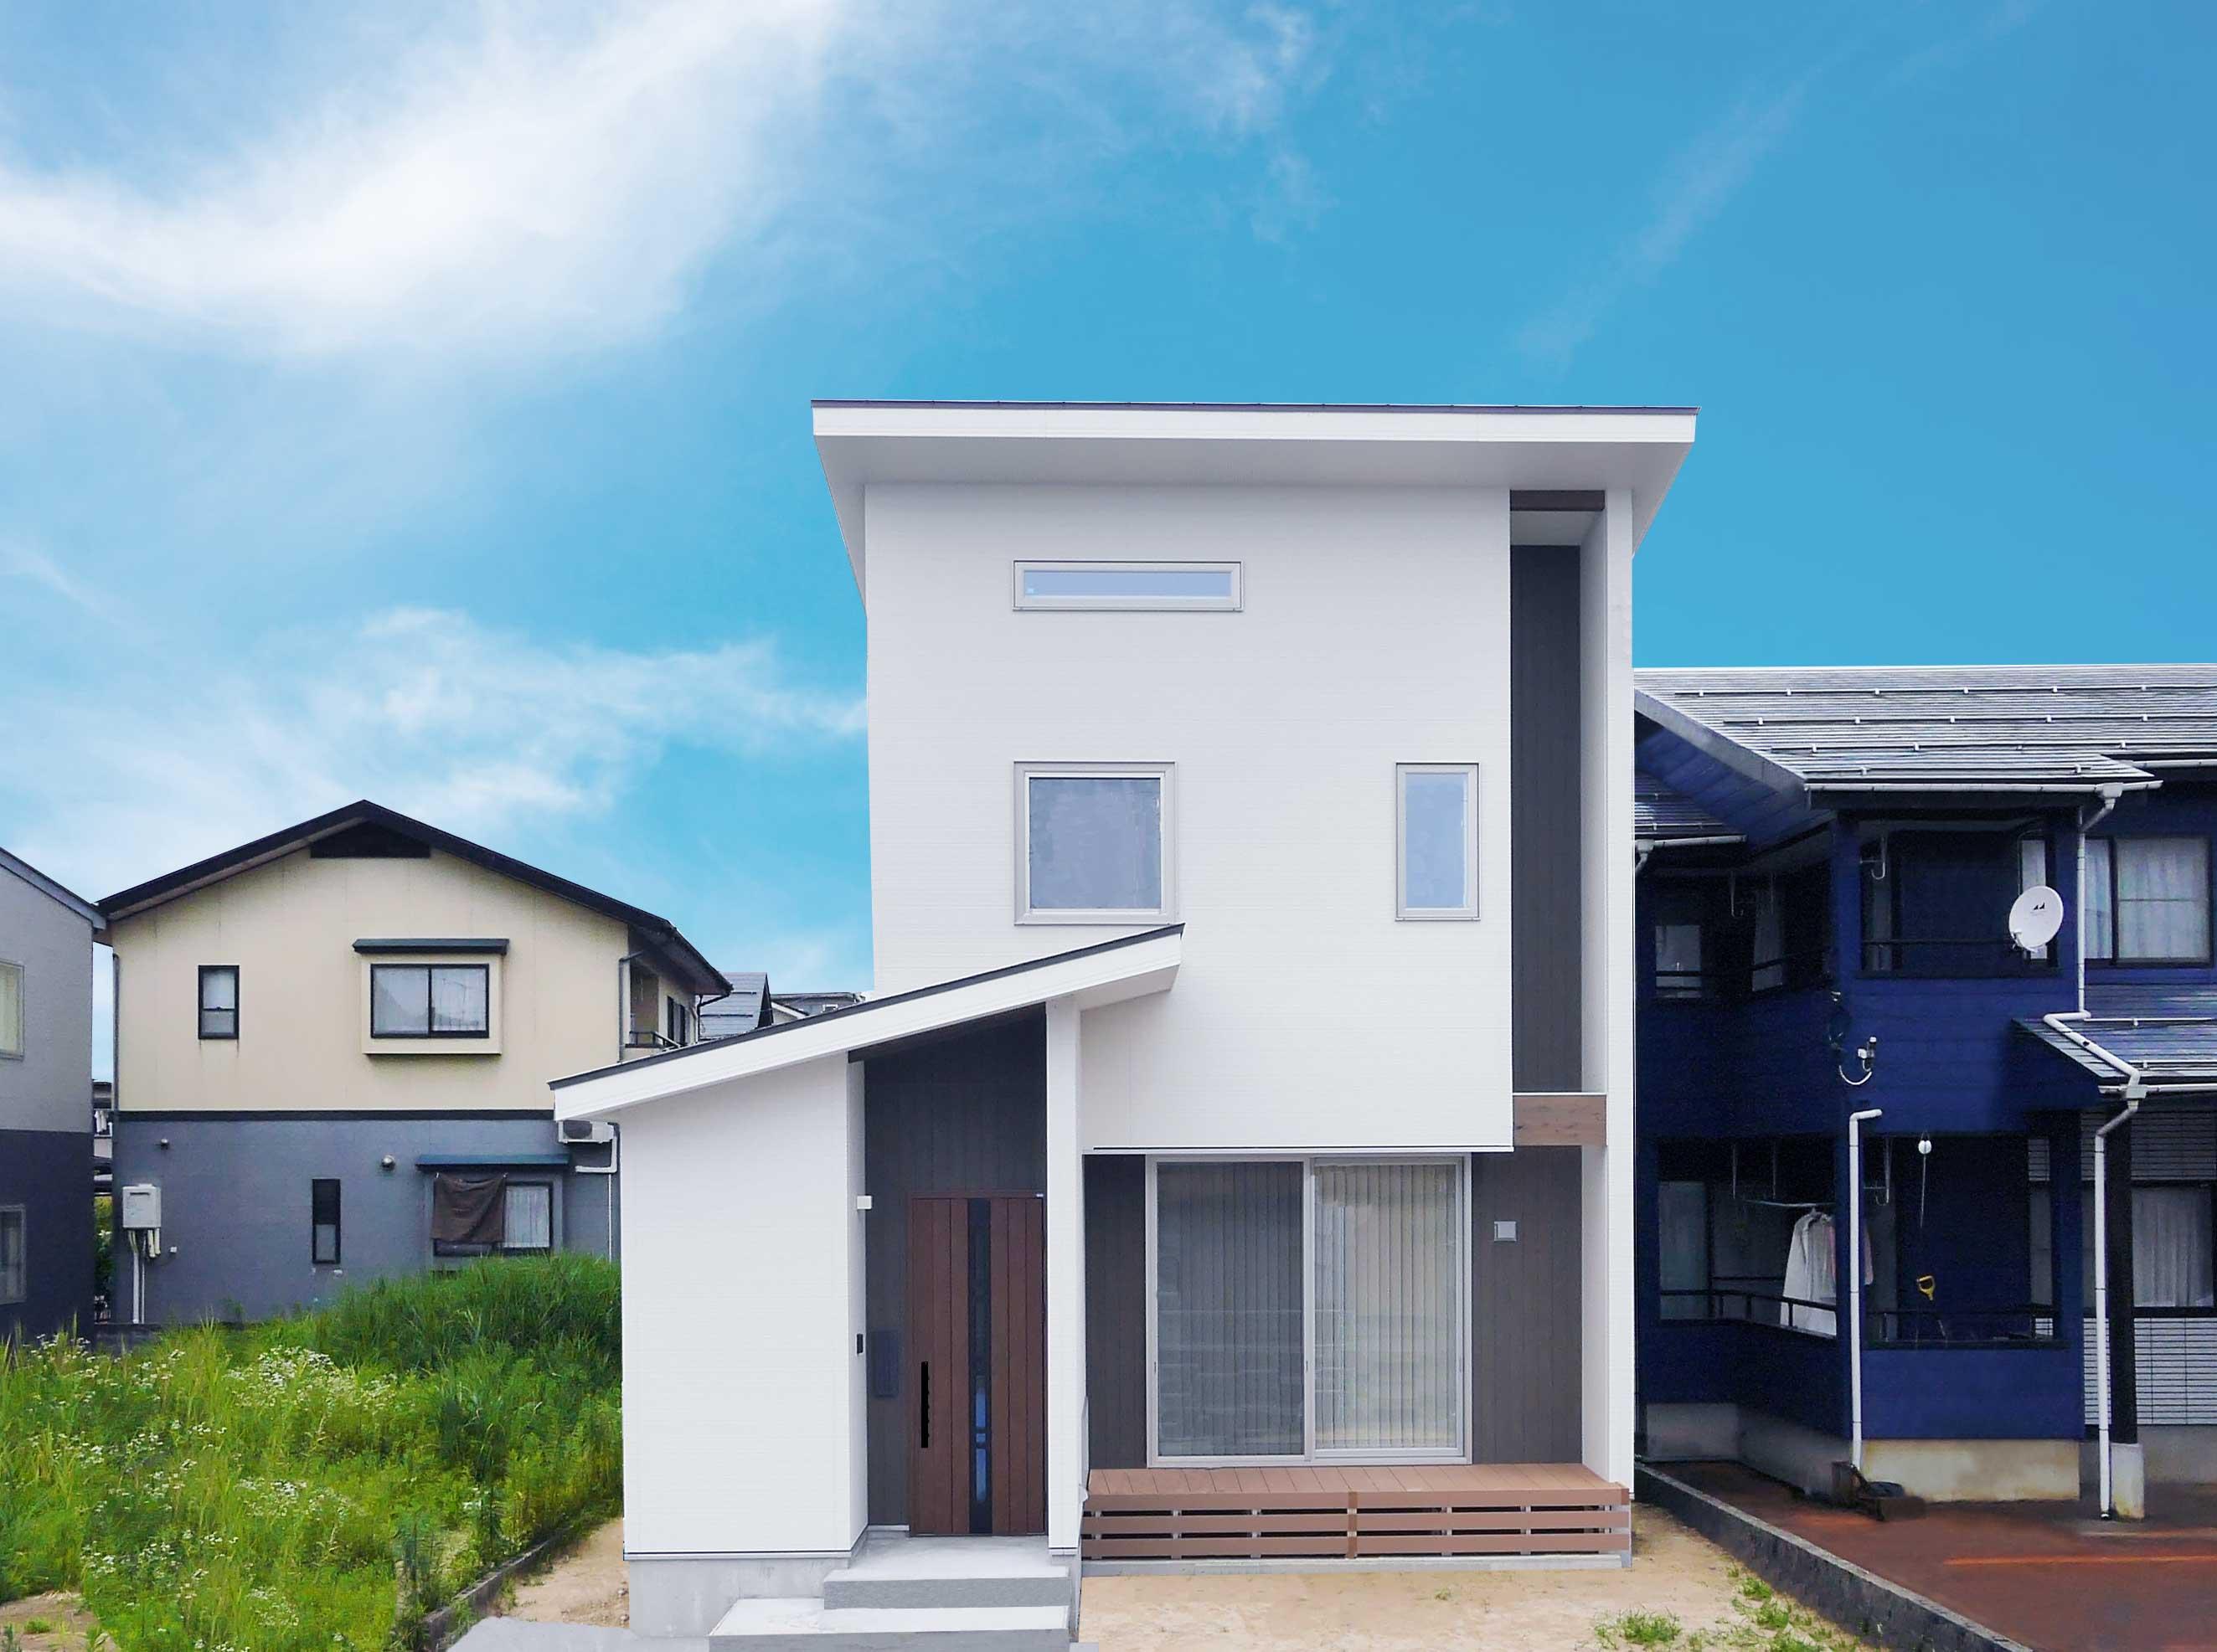 グリーンスタイルの間口の狭さを活かした快適! ほそながな家。一見、普通のお家。でも、奥に伸びる、細長なお家なんです!